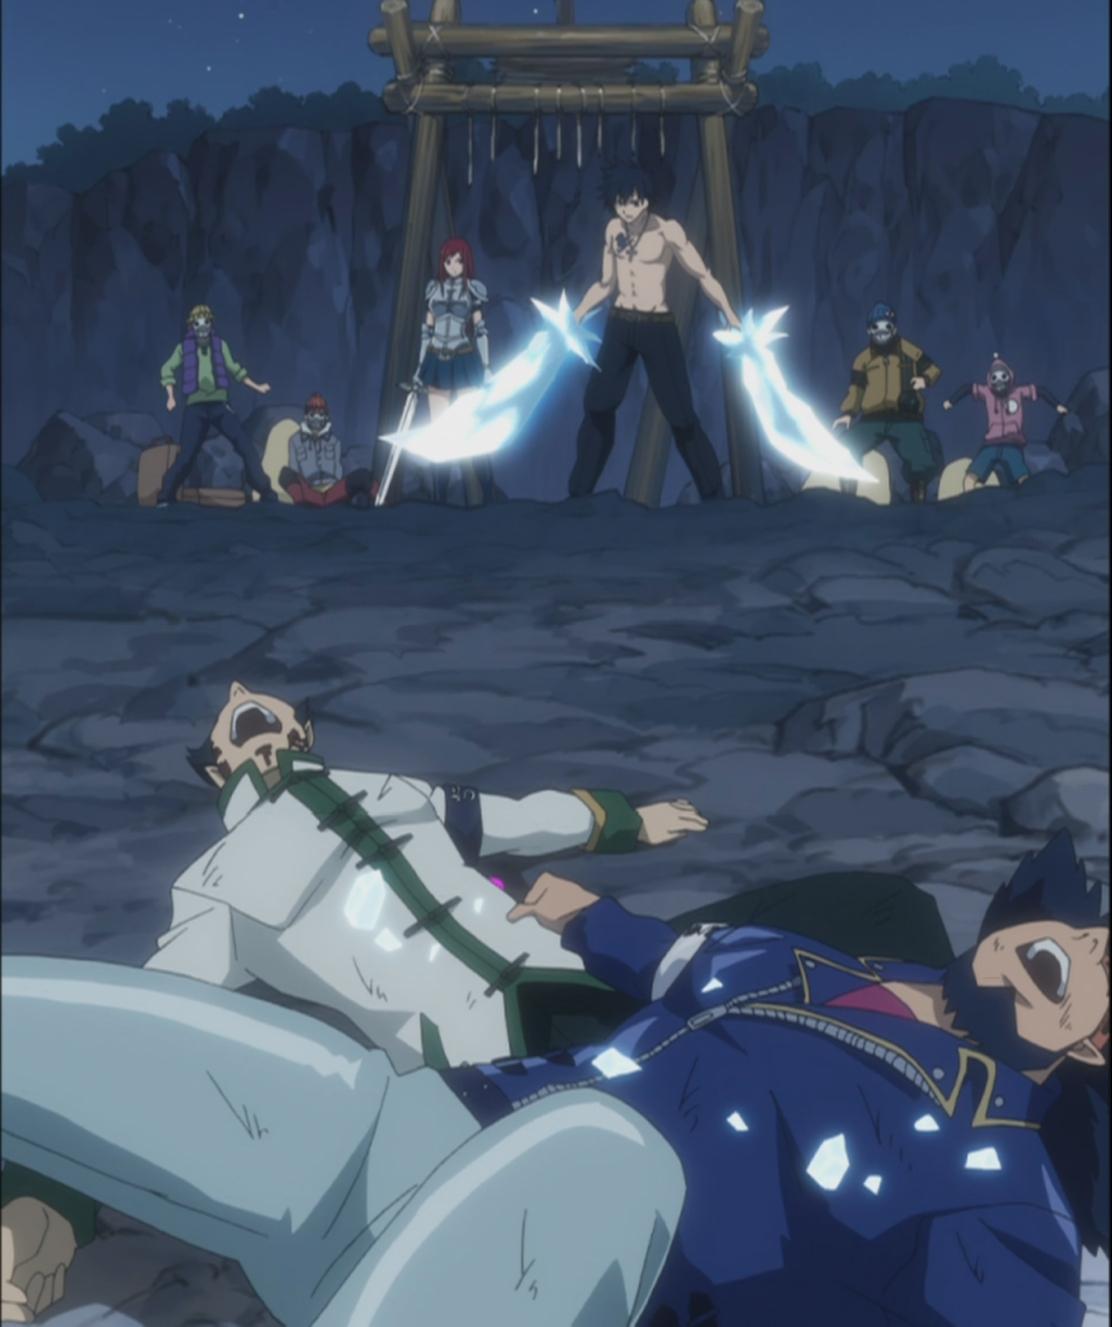 Natsu vs Laxus Fairy Tail 129 Daily Anime Art